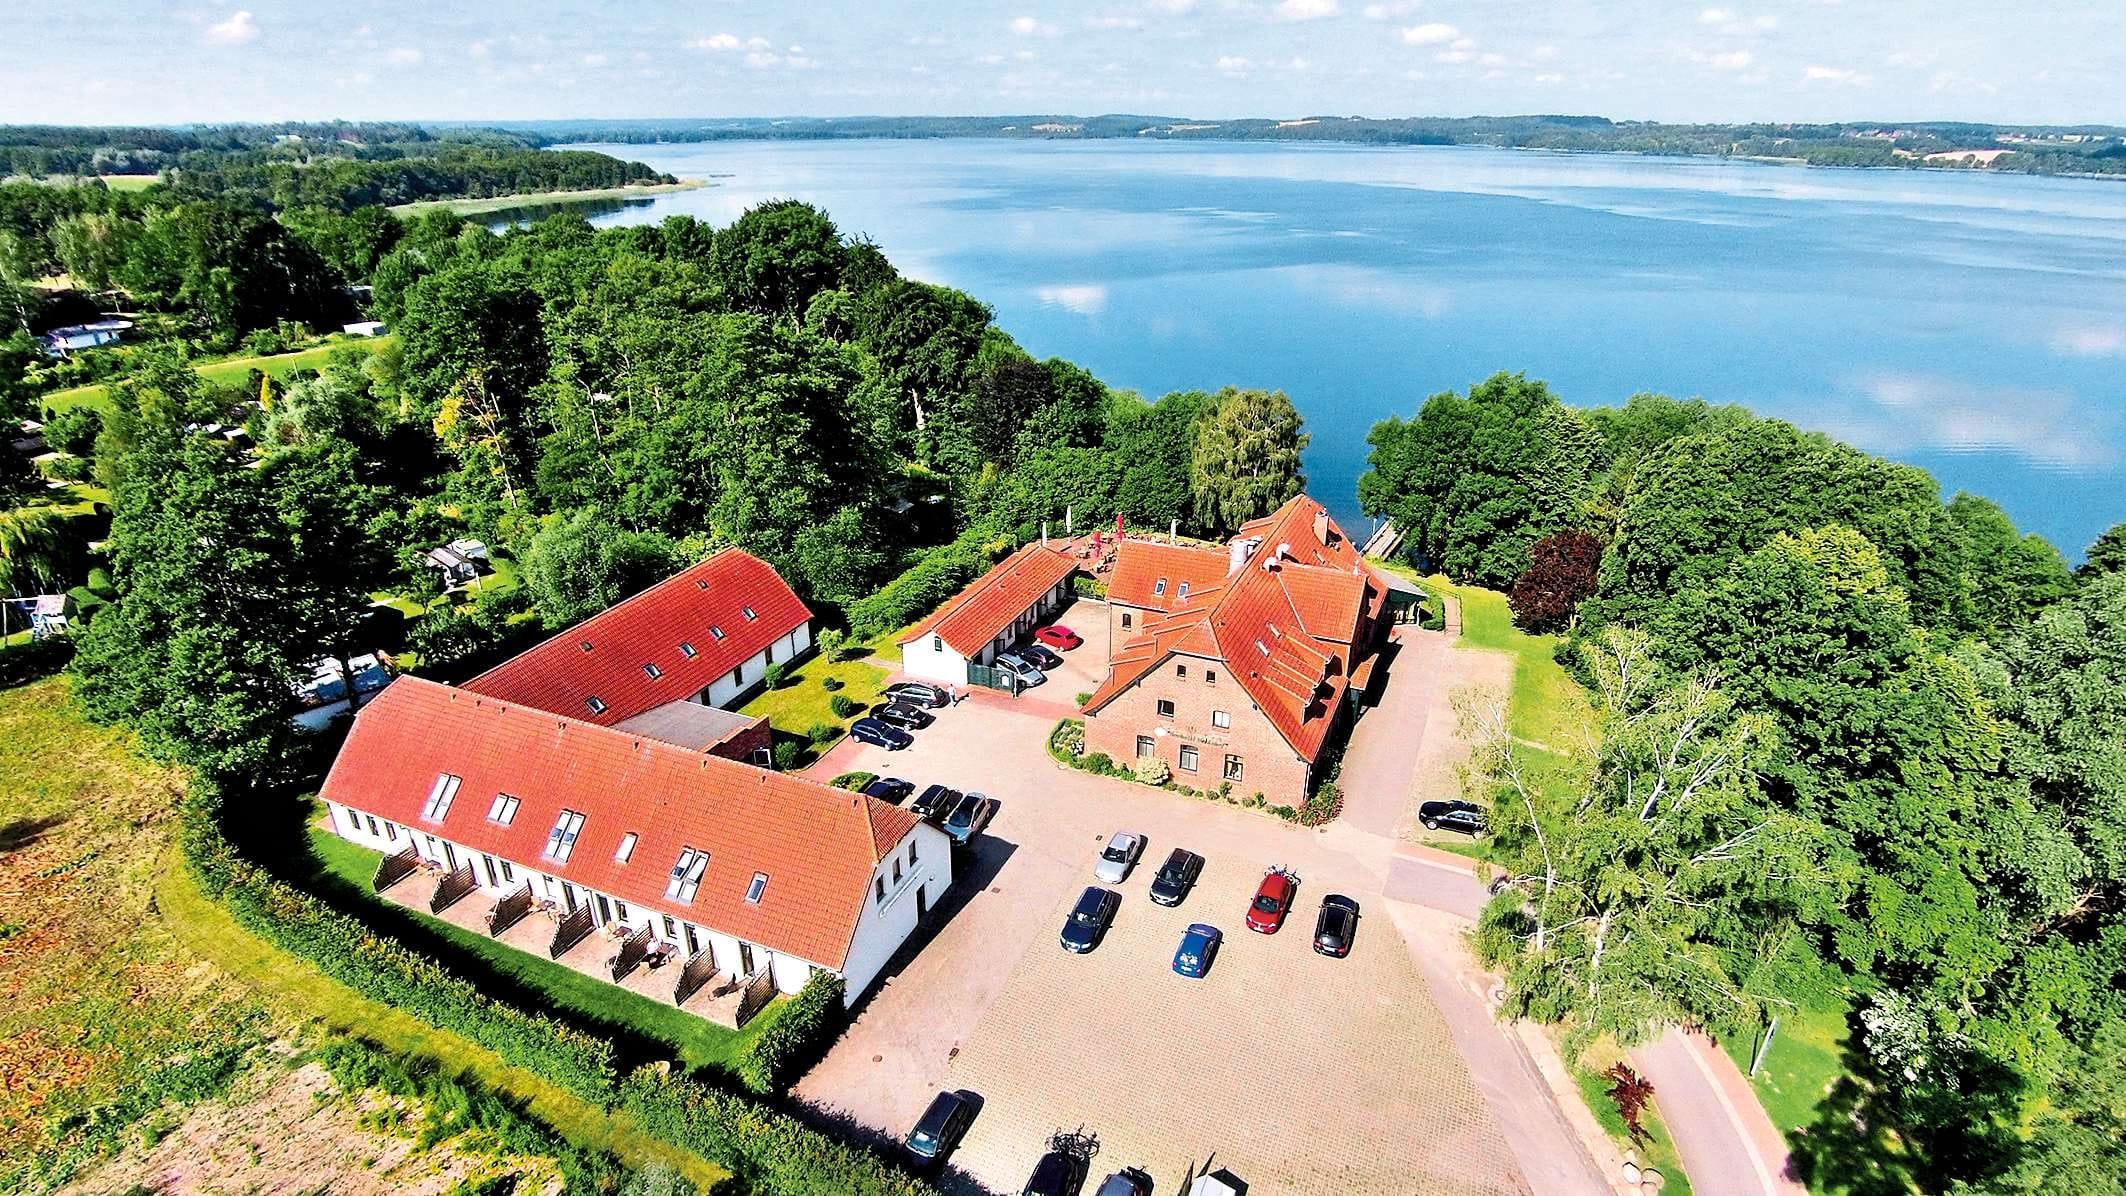 Ansicht von oben auf die Häuser_Seehotel_Heidehof_Klein_Nemerow